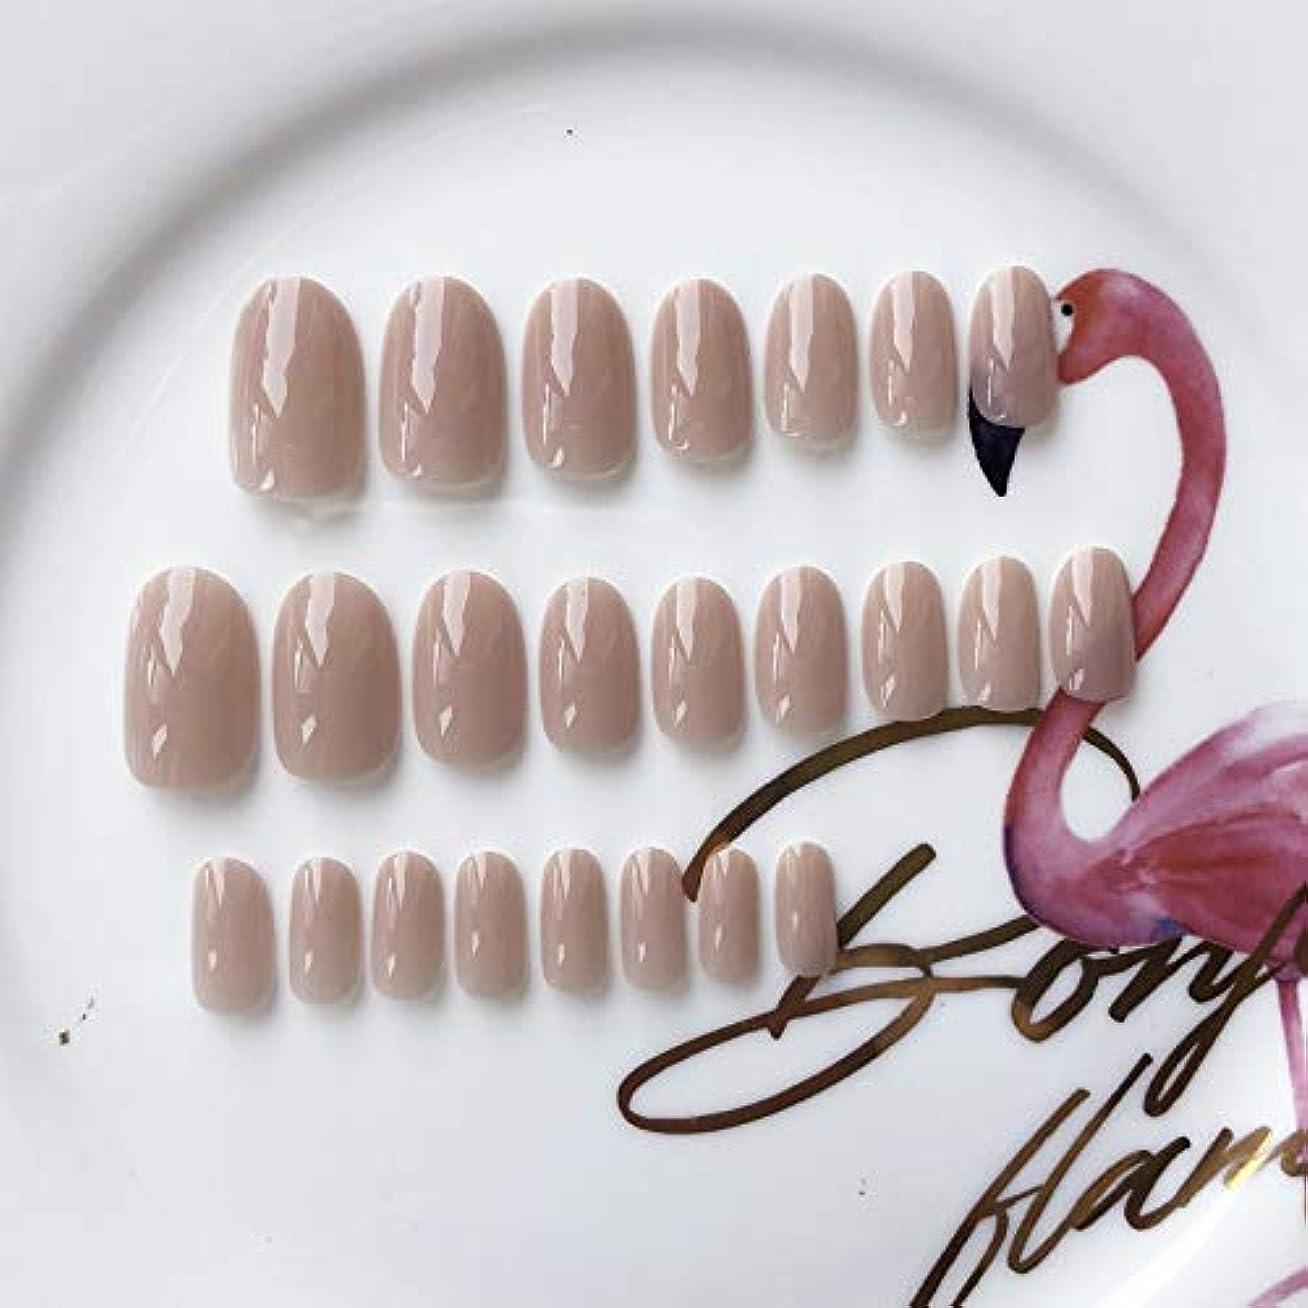 育成繊毛隔離するXUANHU HOME 24個のエレガントなブライダルソリッド反抗的なヌード楕円ショートフルカバー偽爪と接着剤ステッカーとミニファイル